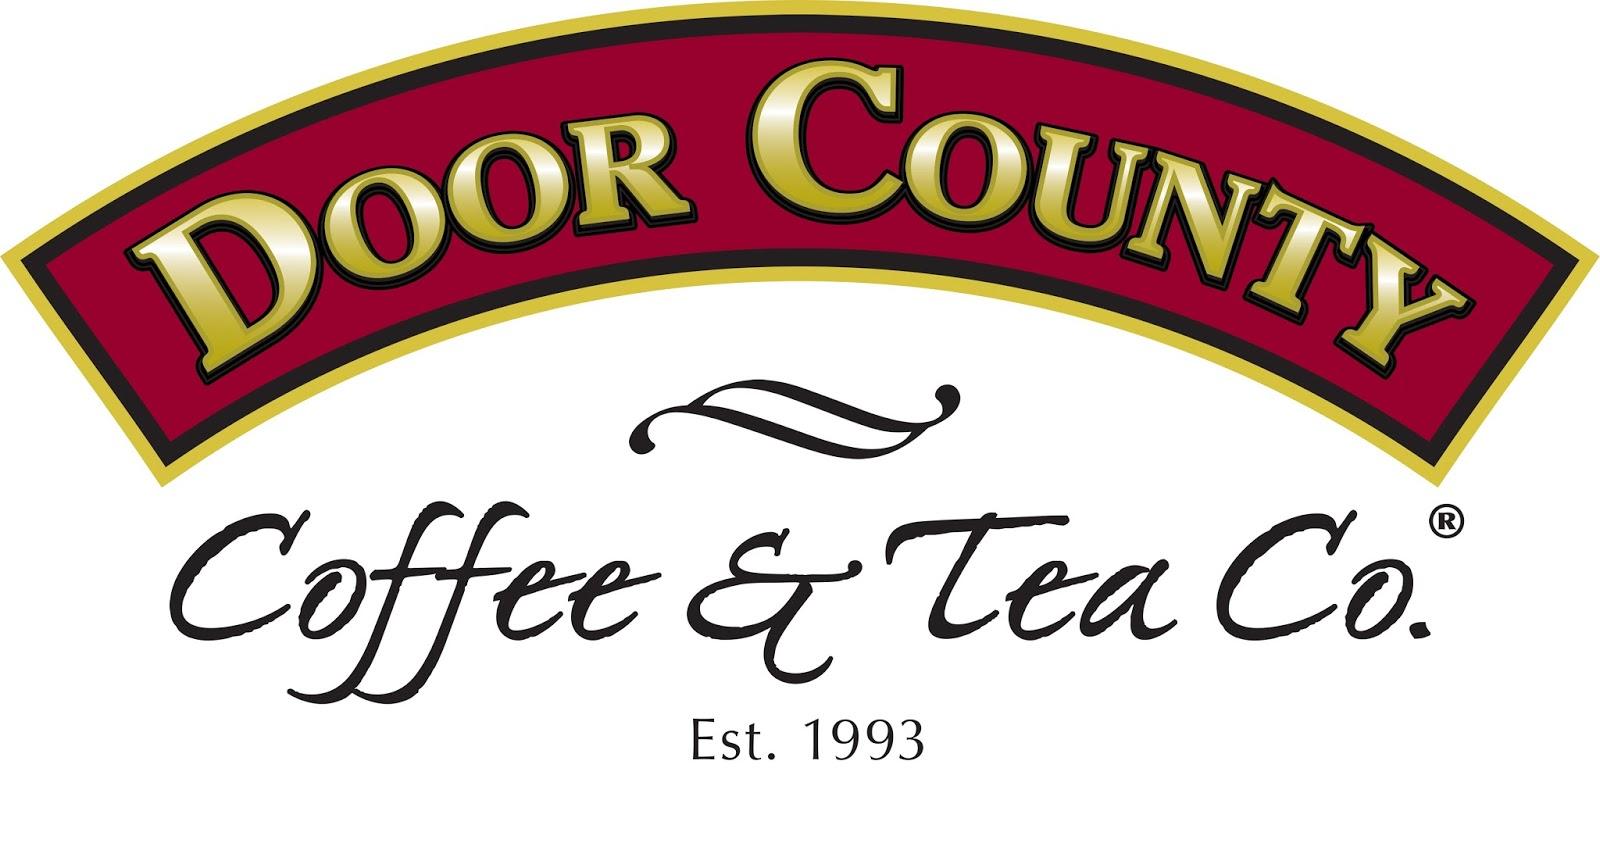 Doorcountynavigator Com S Blog For Door County Wisconsin